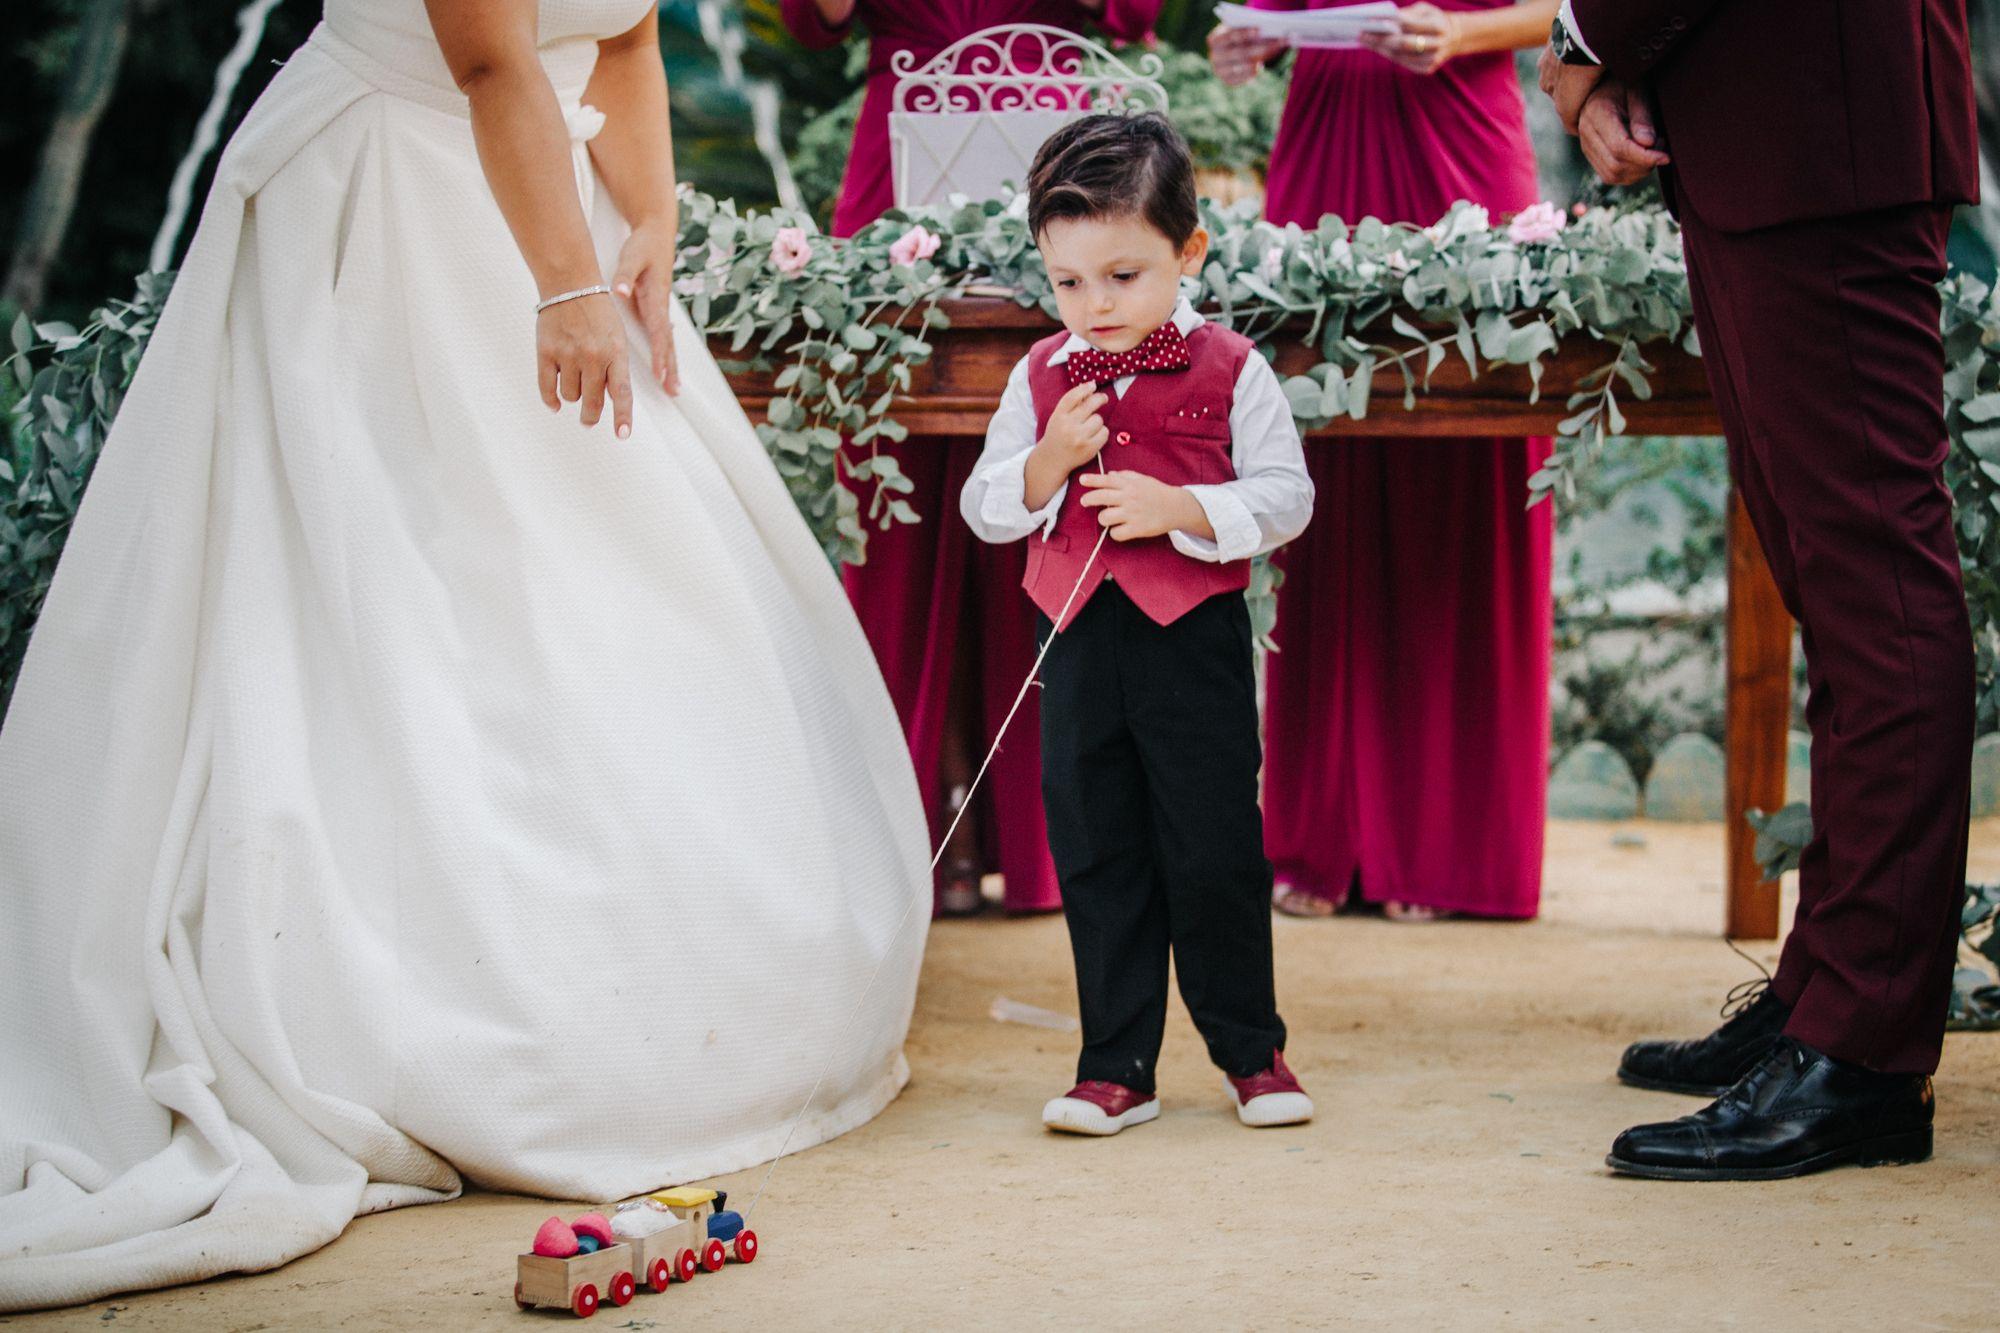 La boda de Amanda y Jorge en Villa Luisa 30